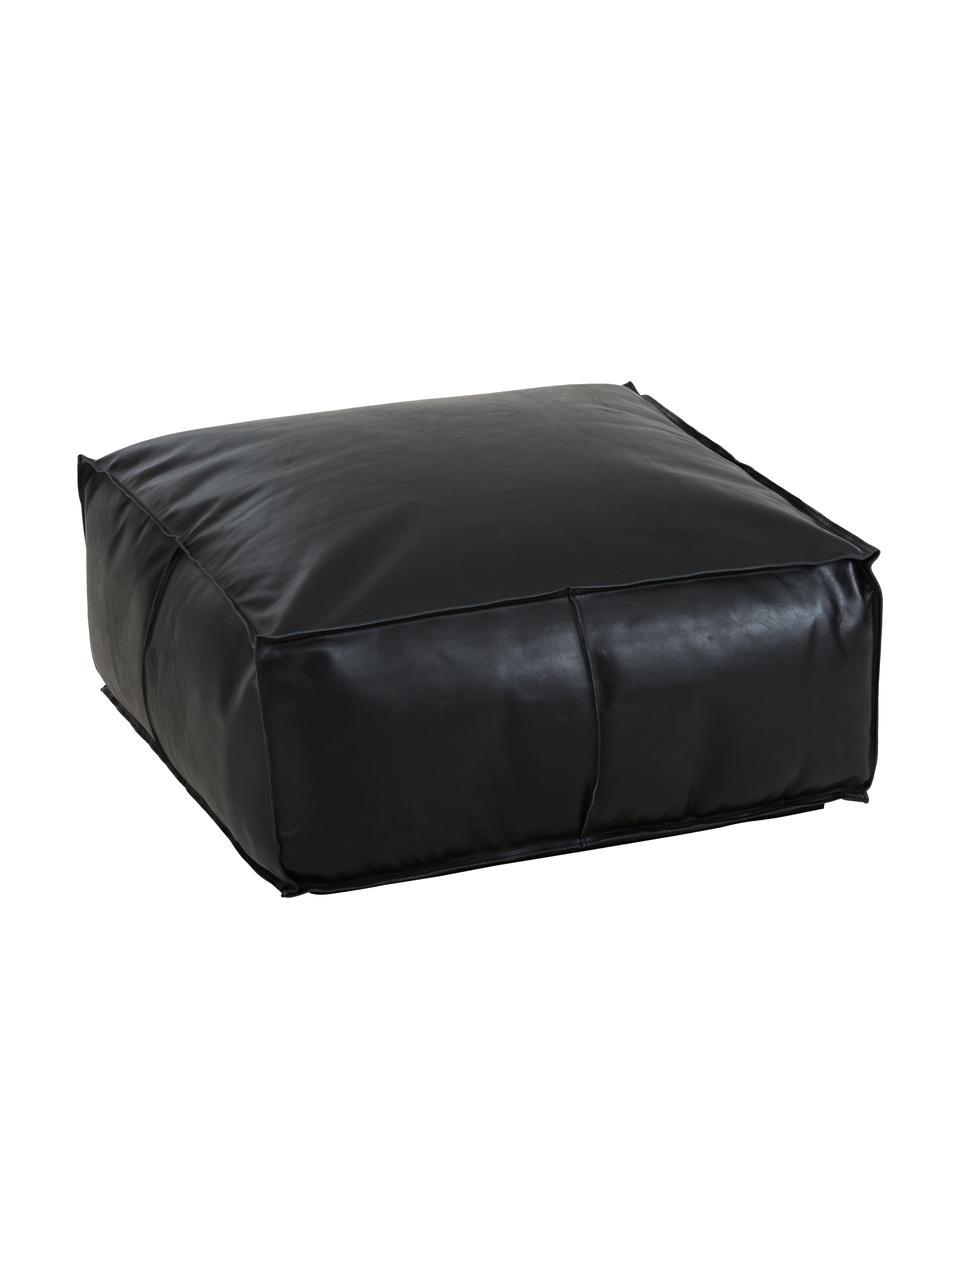 Cuscino da pavimento in pelle Arabica, Rivestimento: pelle, finitura nappa, Nero, Larg. 70 x Alt. 30 cm